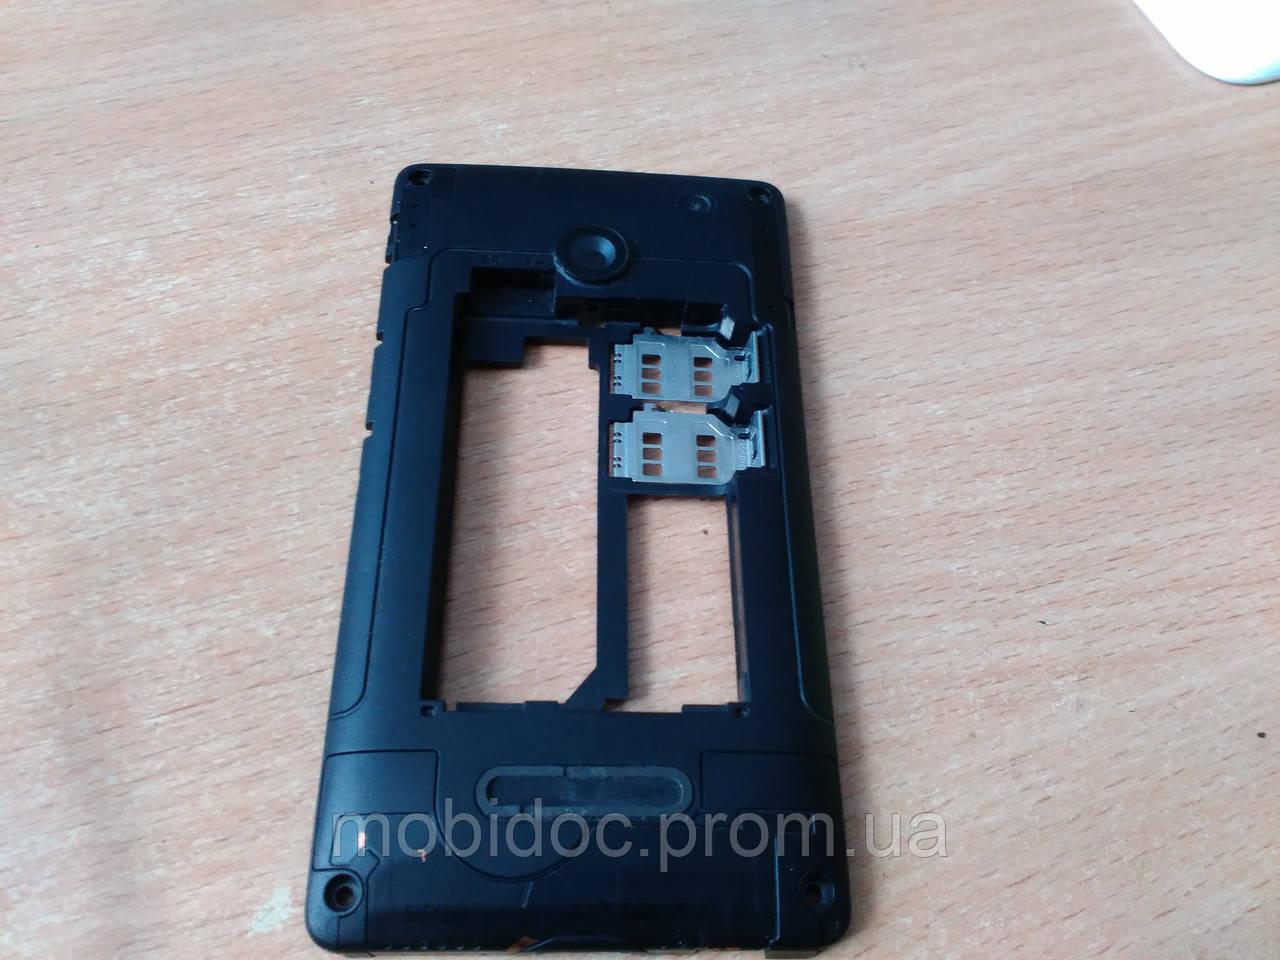 Nokia Lumia 532 Pm 1031